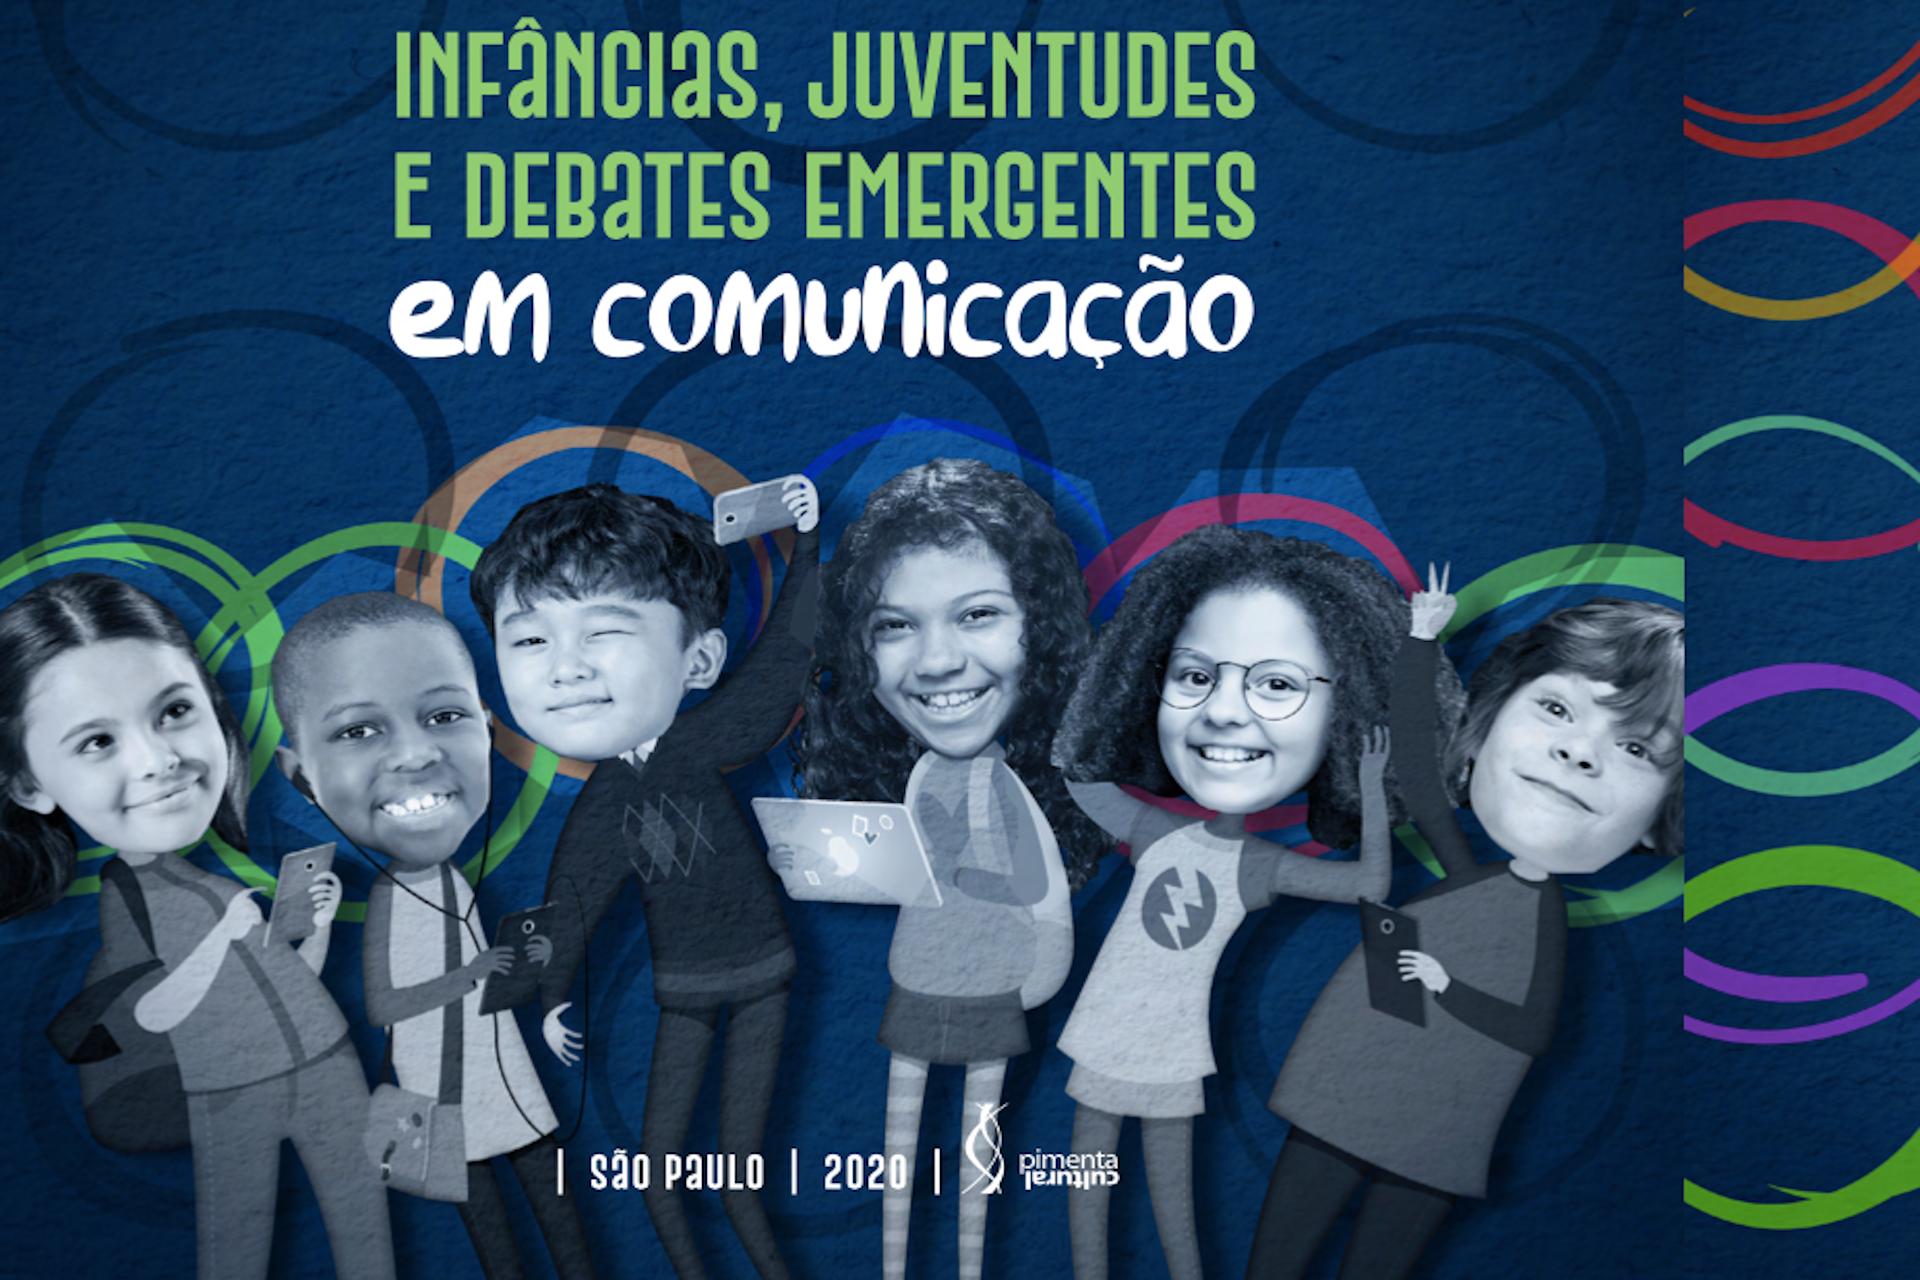 Com capítulo de professora do PPGCOM, livro discute temas emergentes sobre infância, juventudes e mídia na contemporaneidade